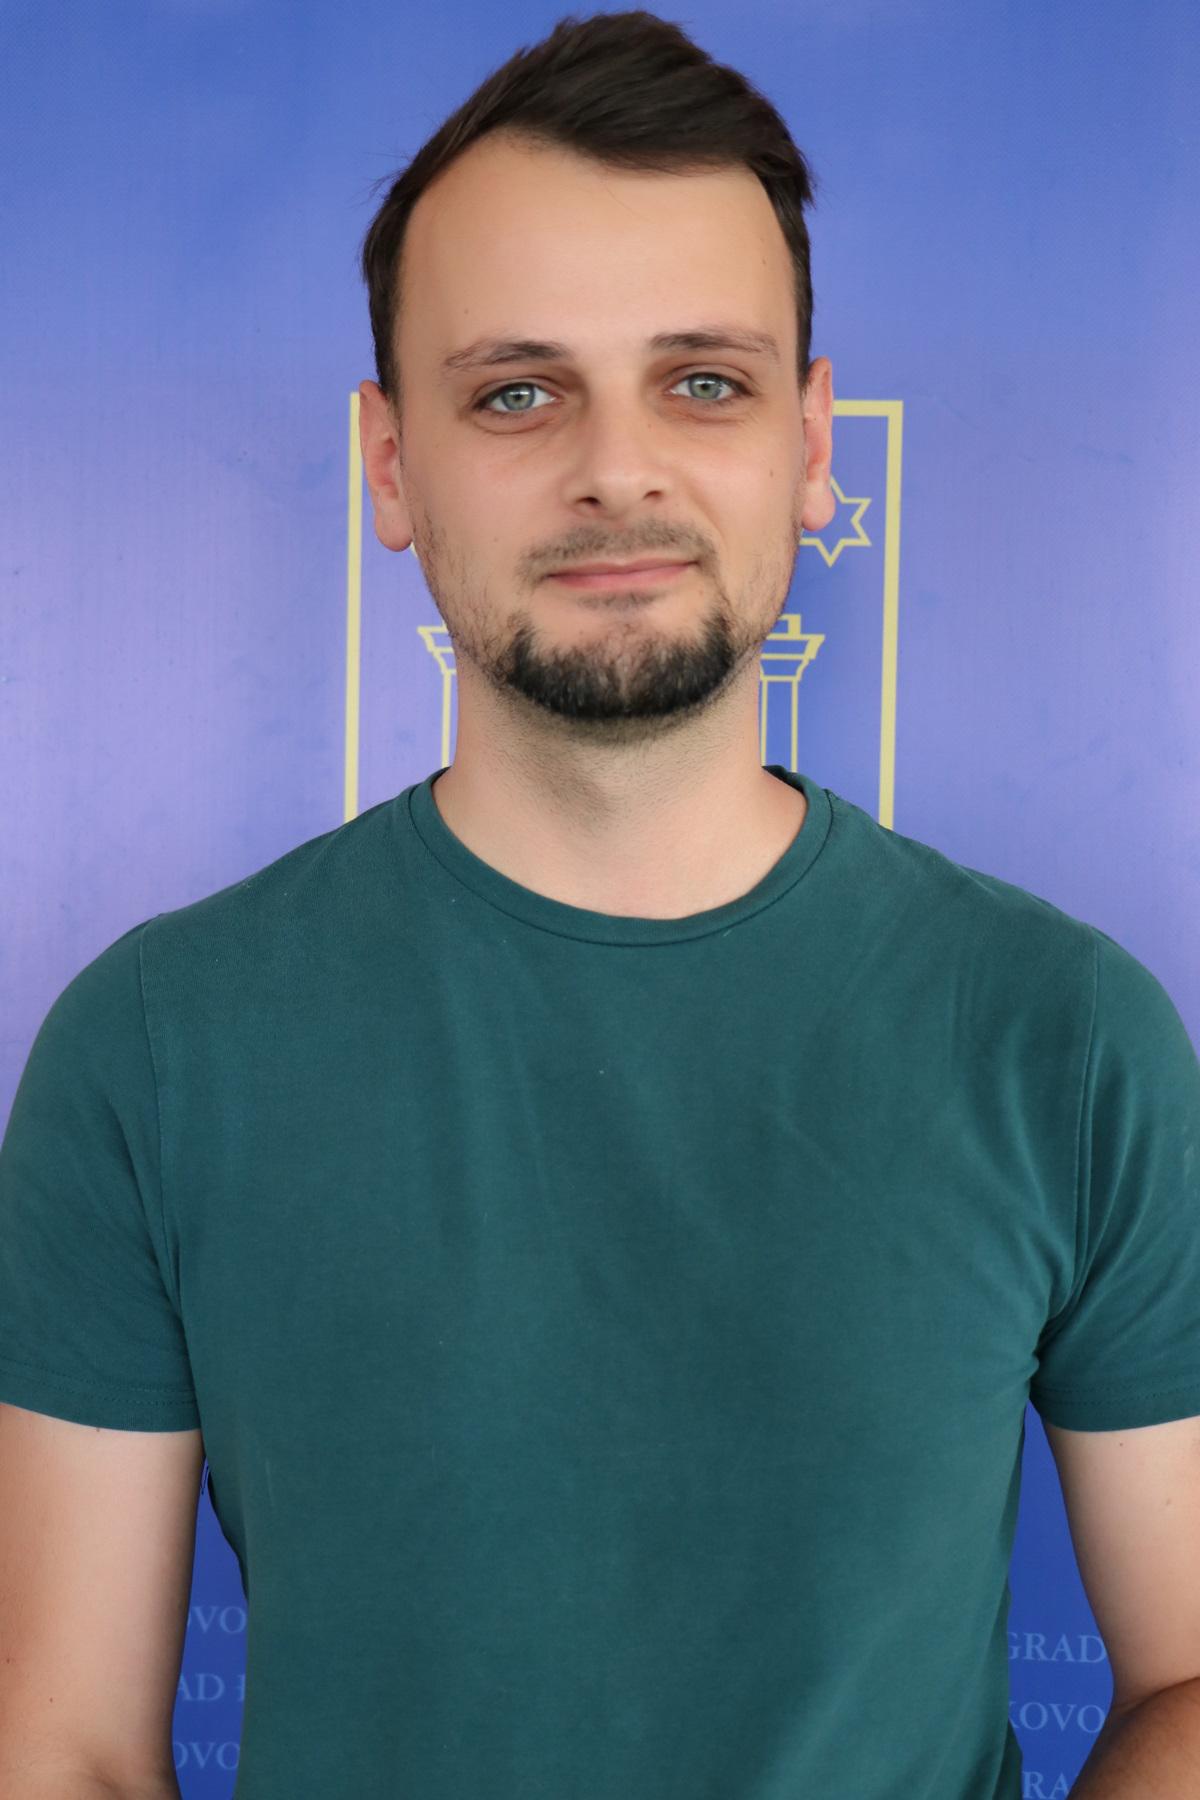 Marko Berberović